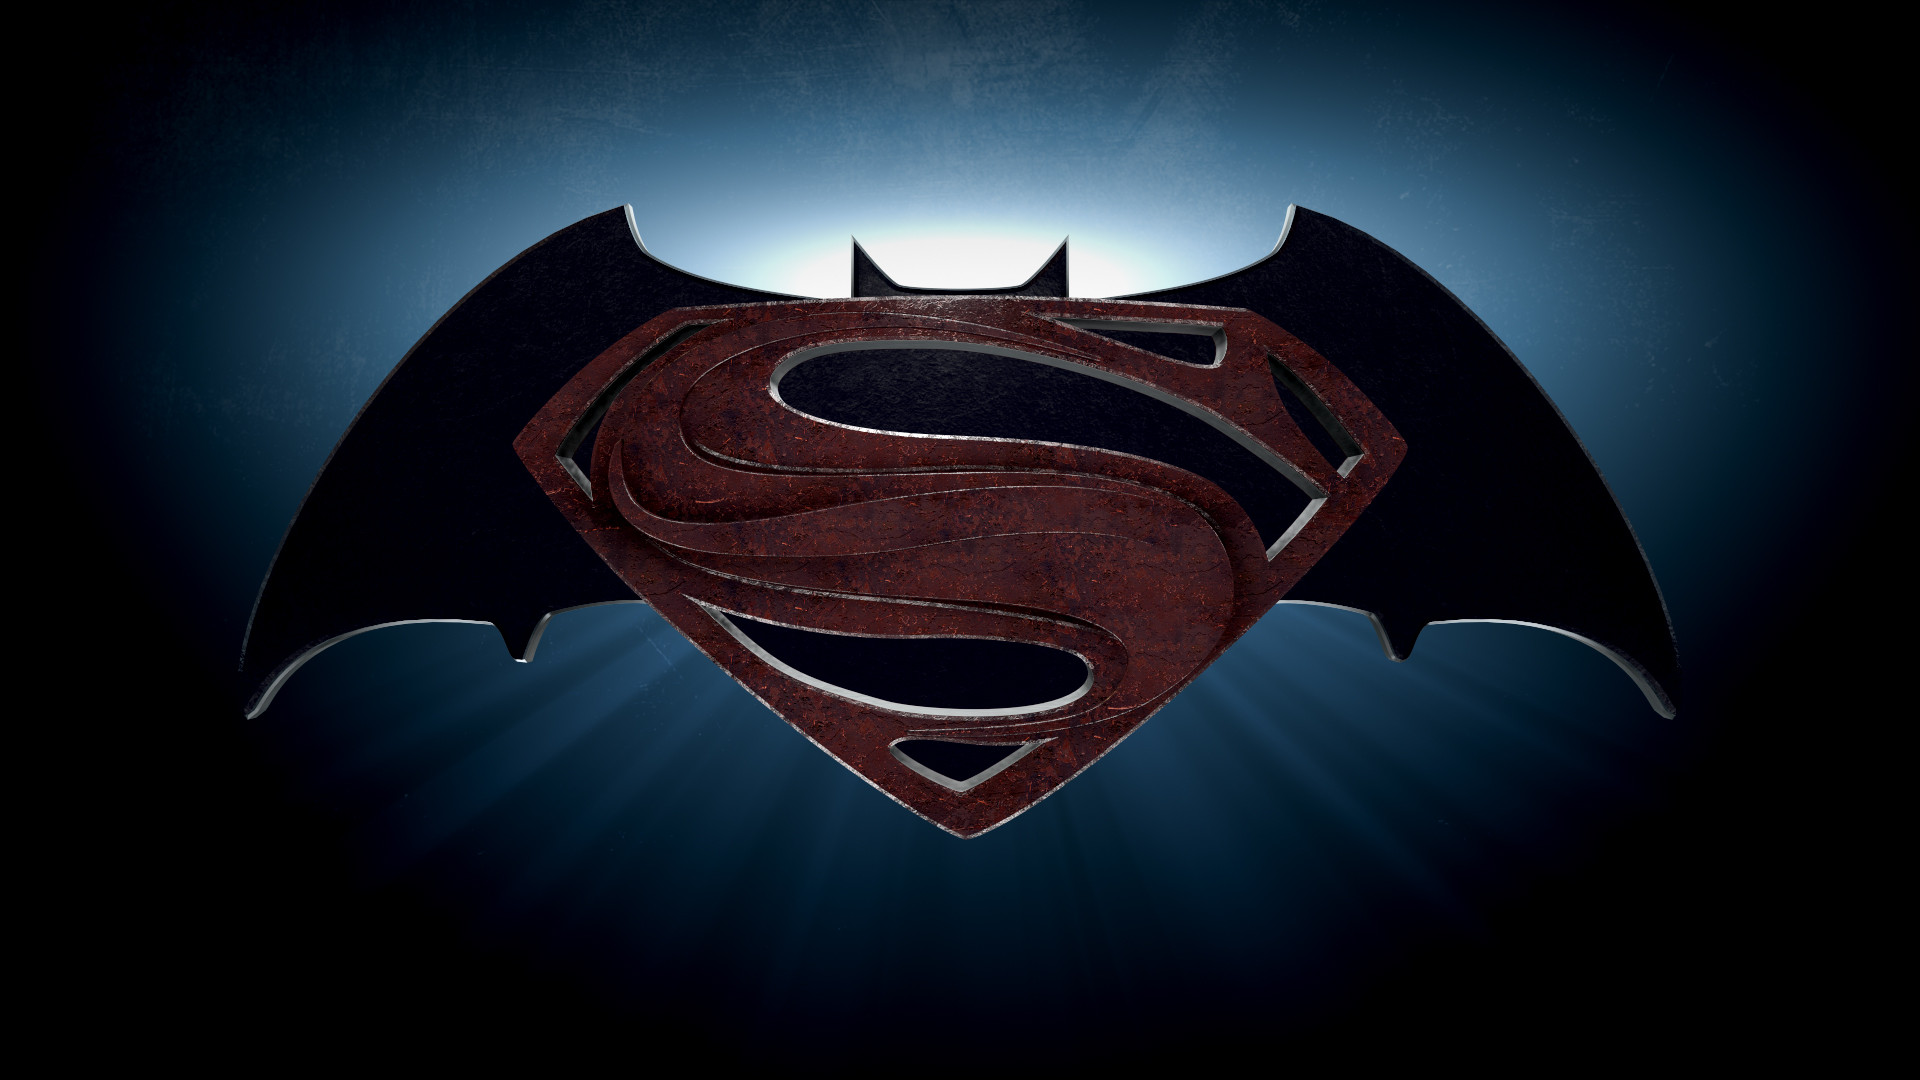 Batman And Superman Wallpaper Background Hd Download - Batman Vs Superman Logo 4k - HD Wallpaper